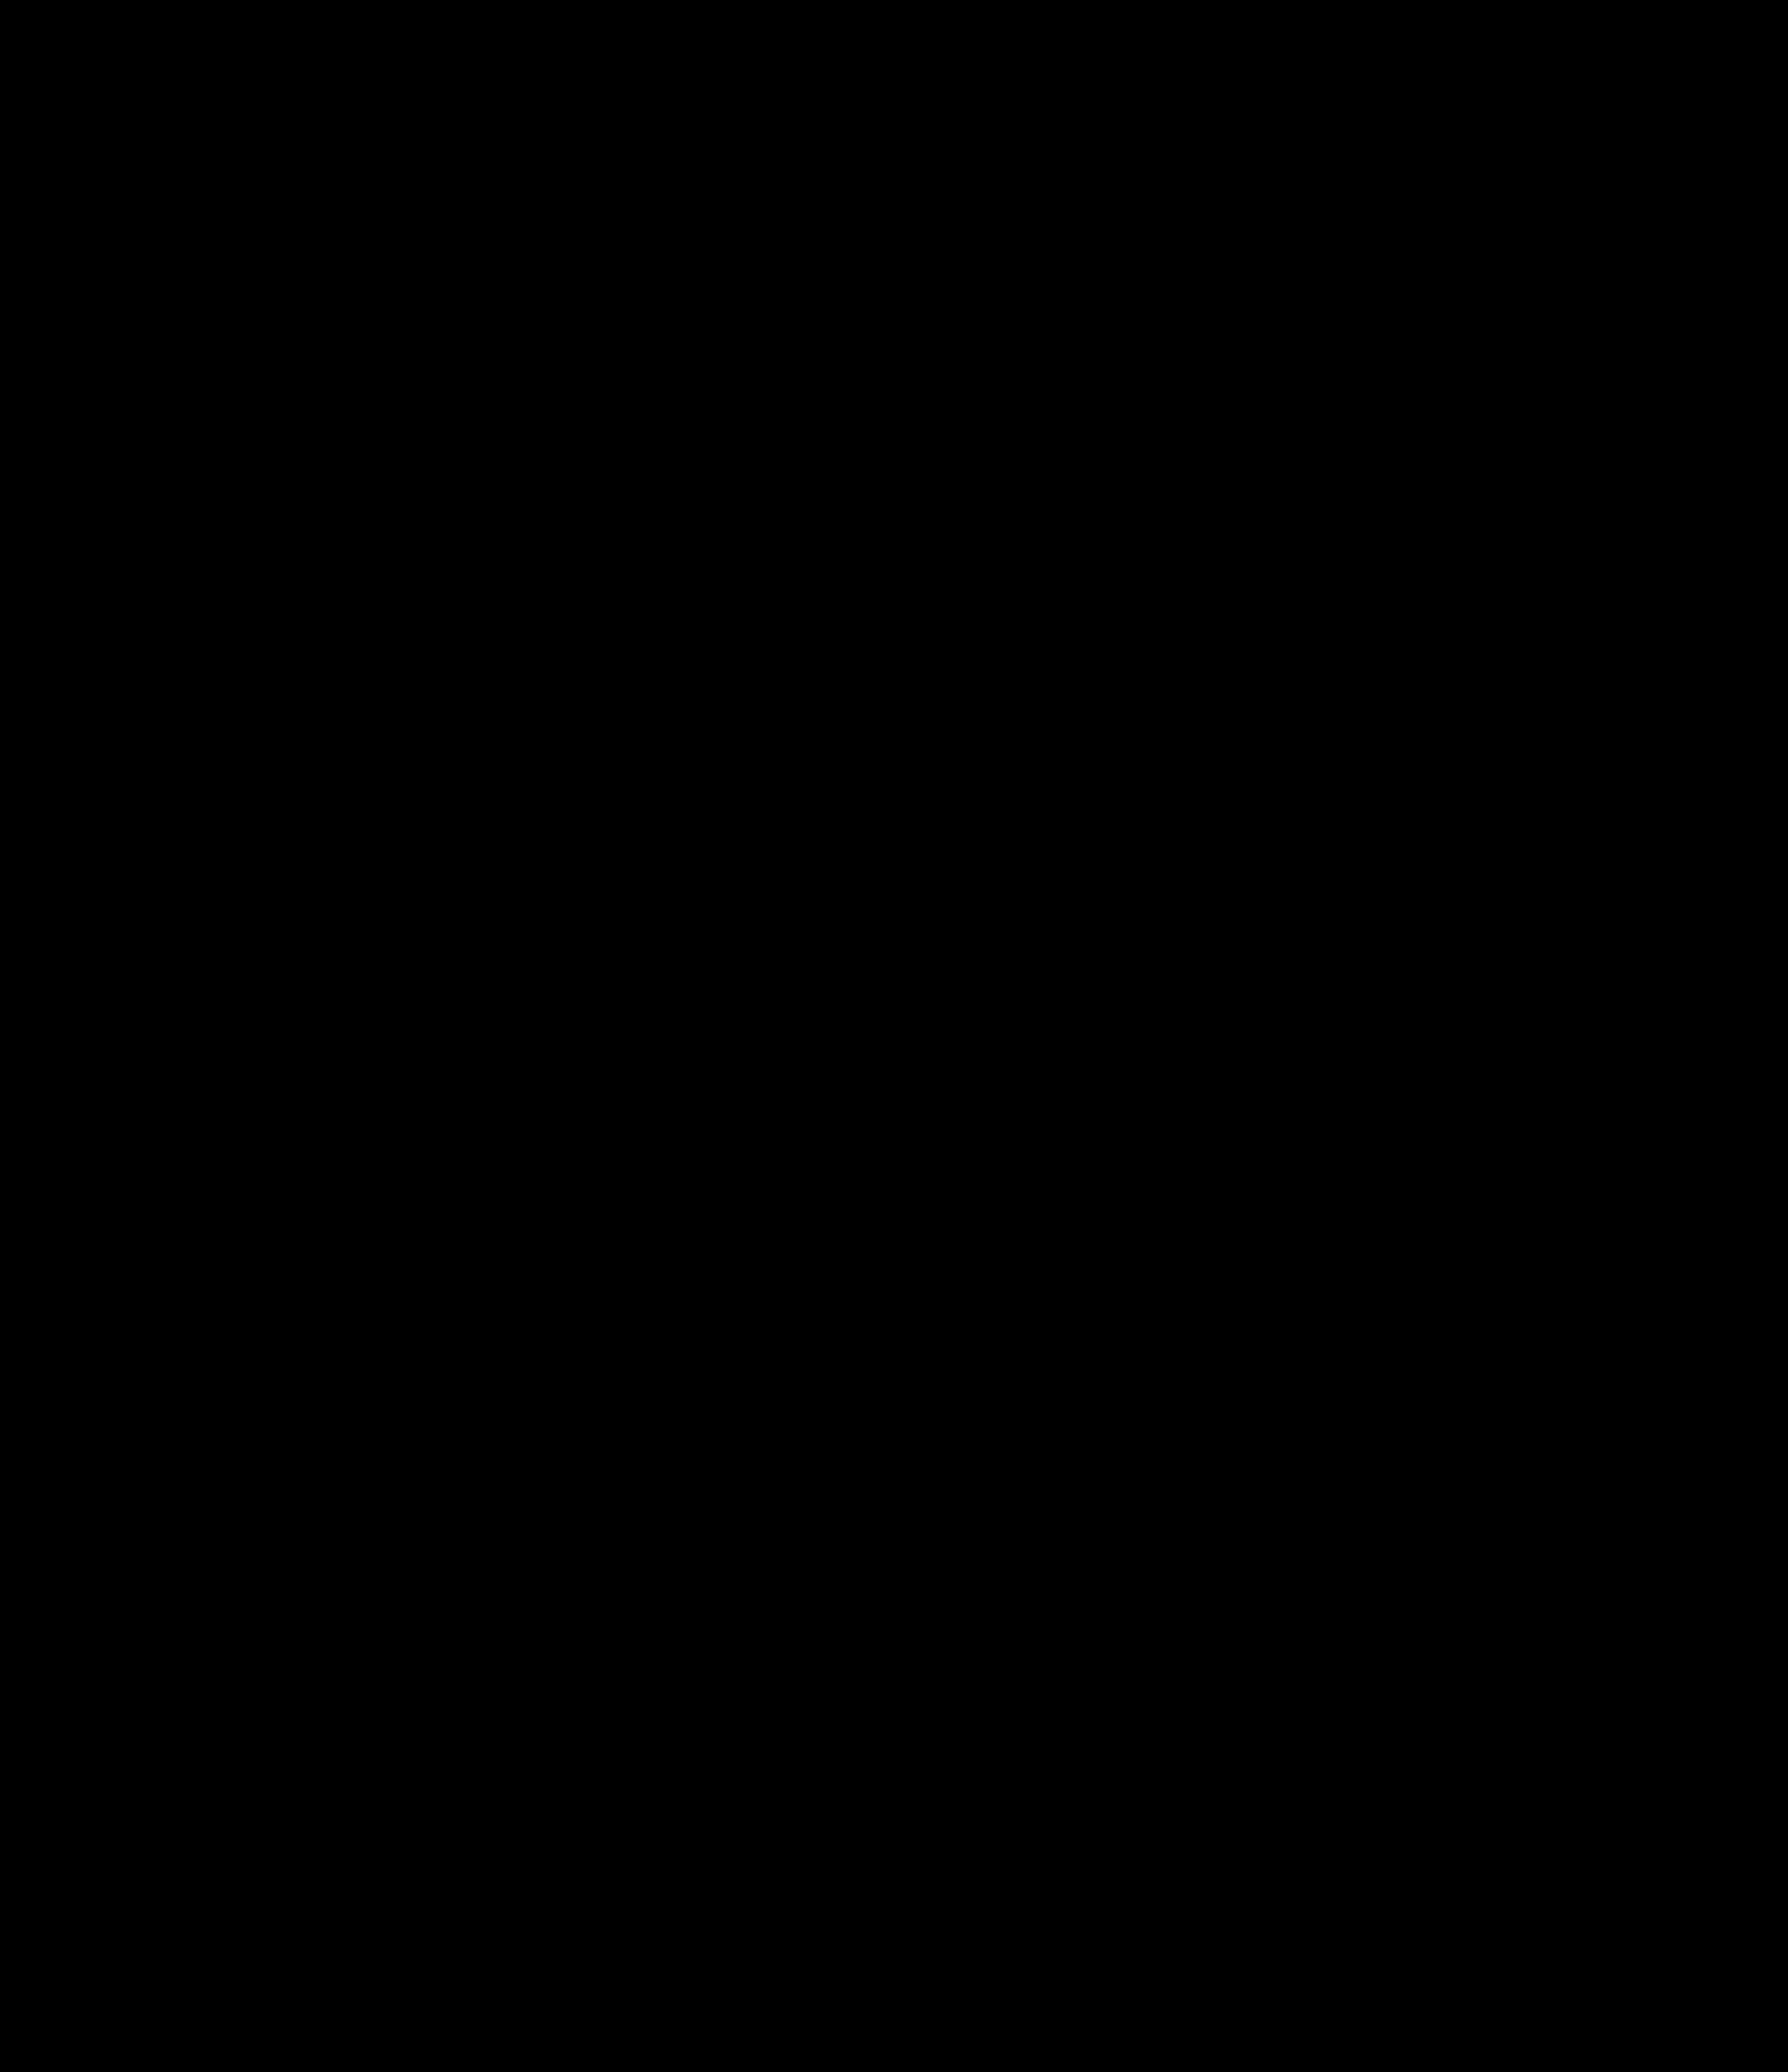 warmtebeeld drone